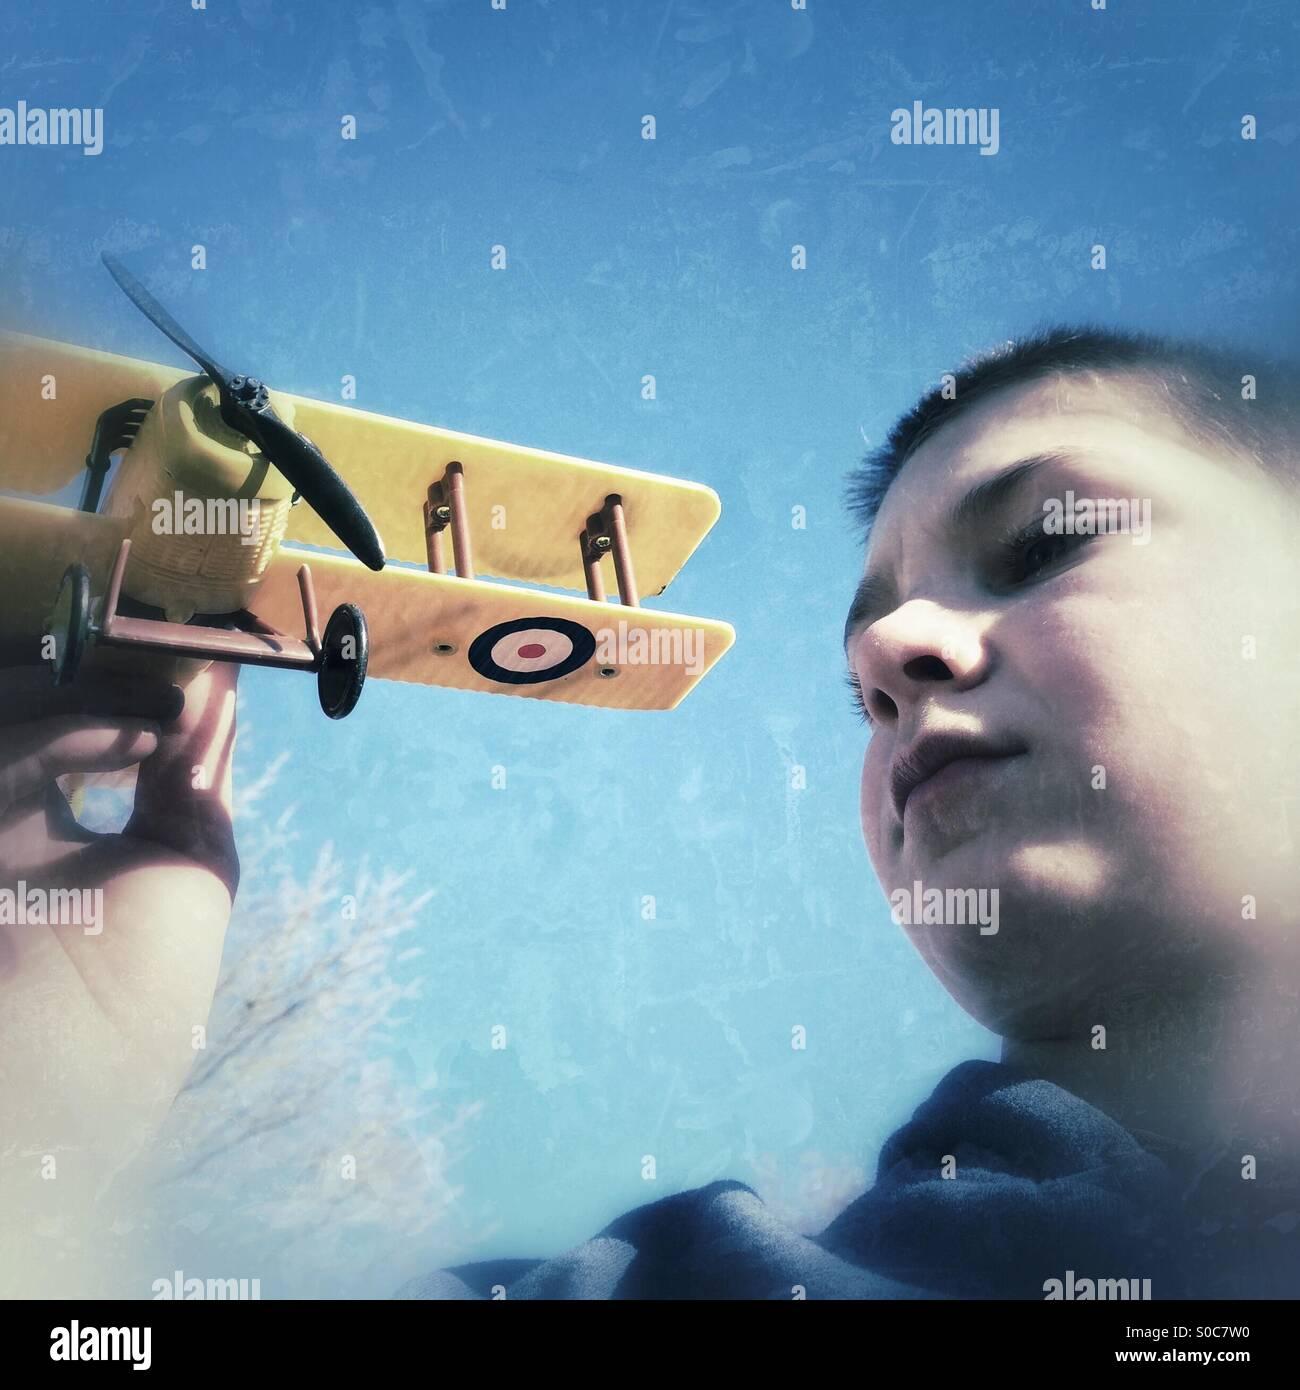 Mirando hacia arriba a un niño sosteniendo su modelo de avión Imagen De Stock